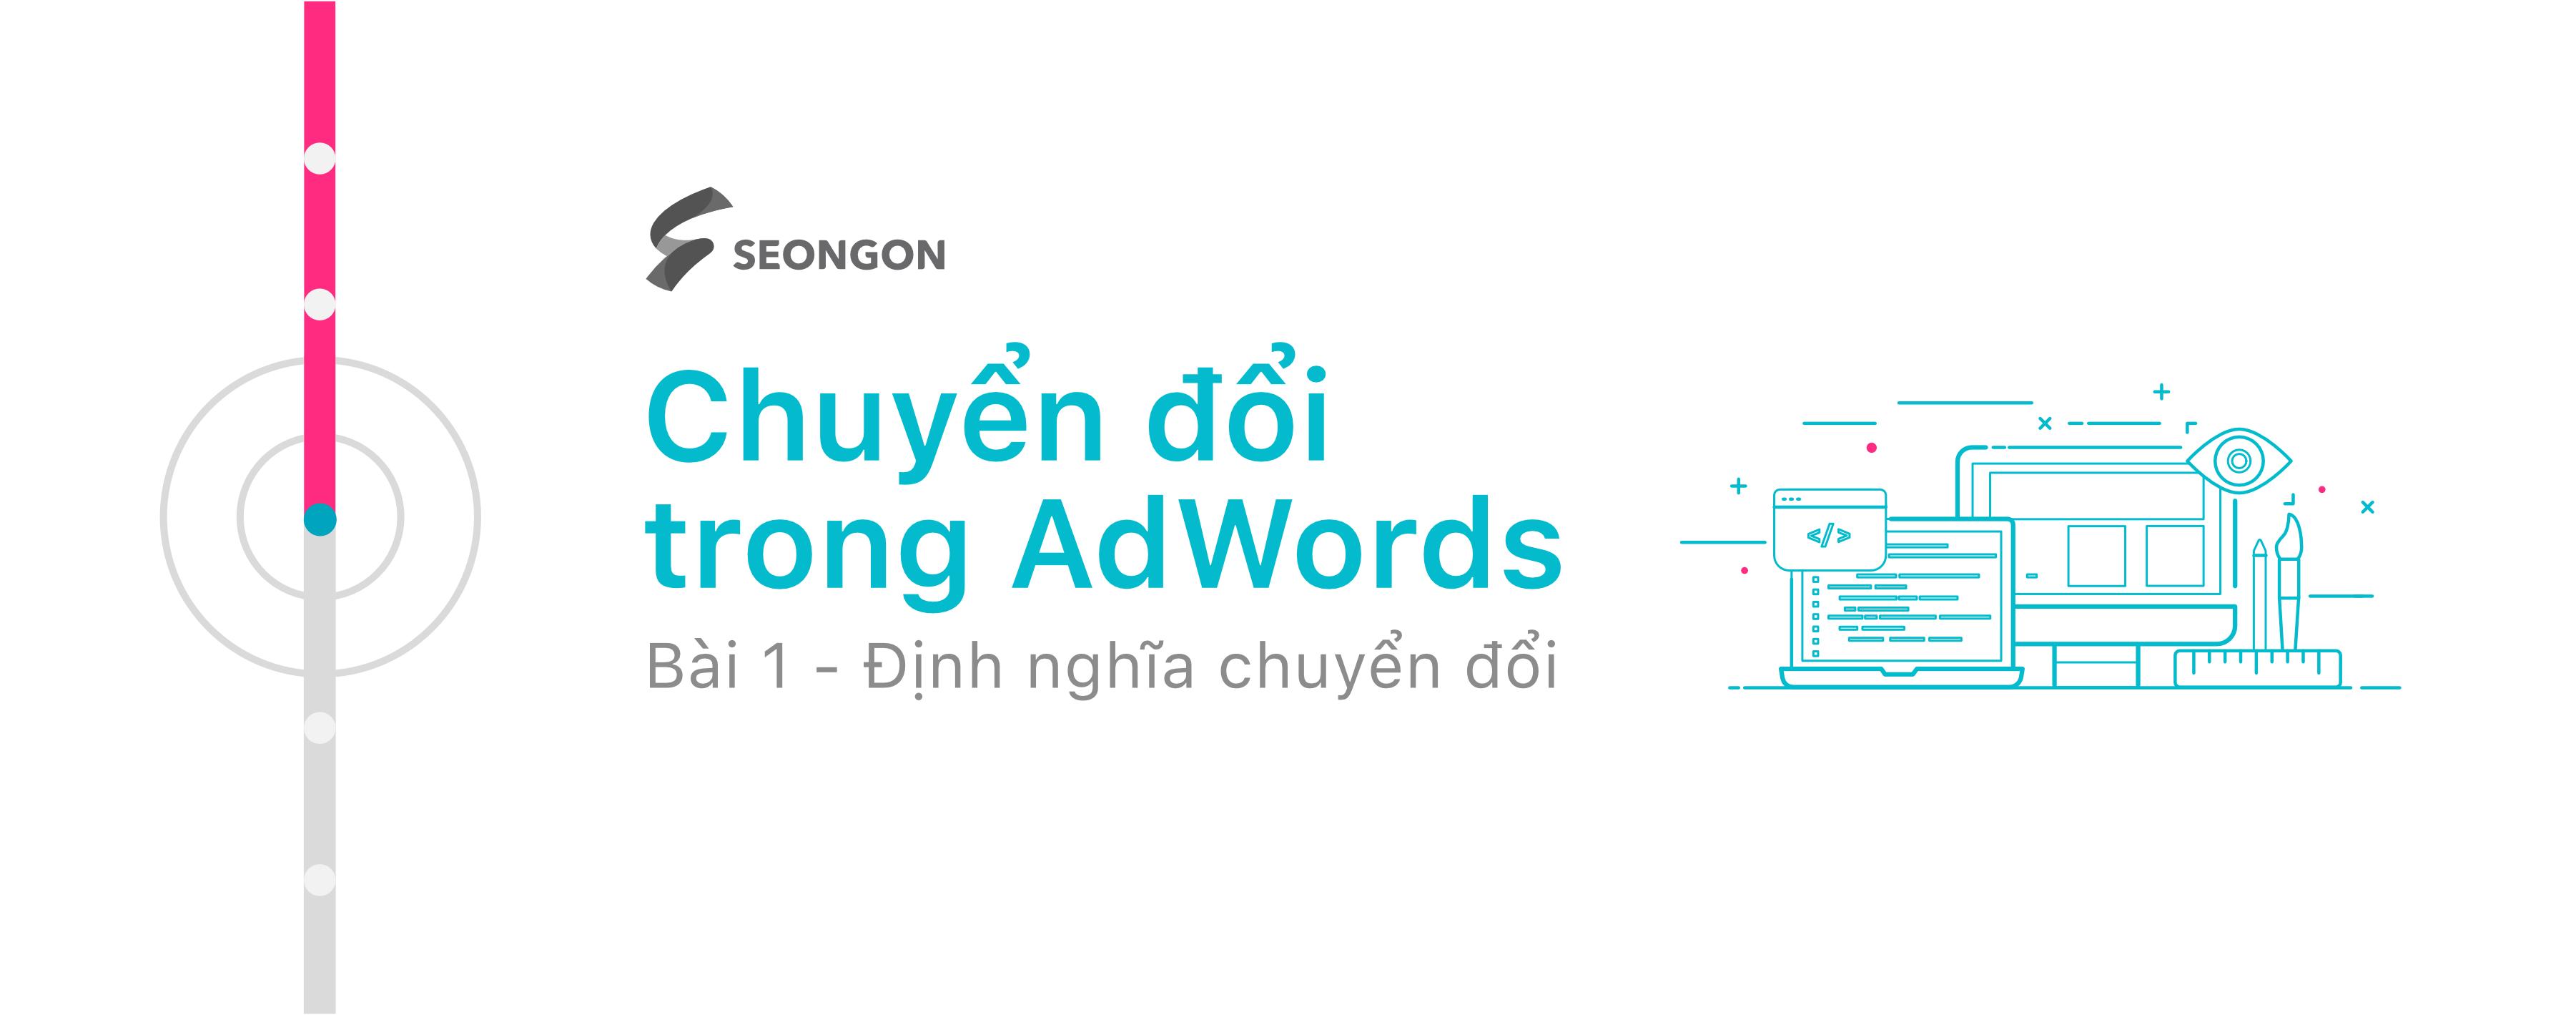 Google AdWords: Định nghĩa chuyển đổi trên website